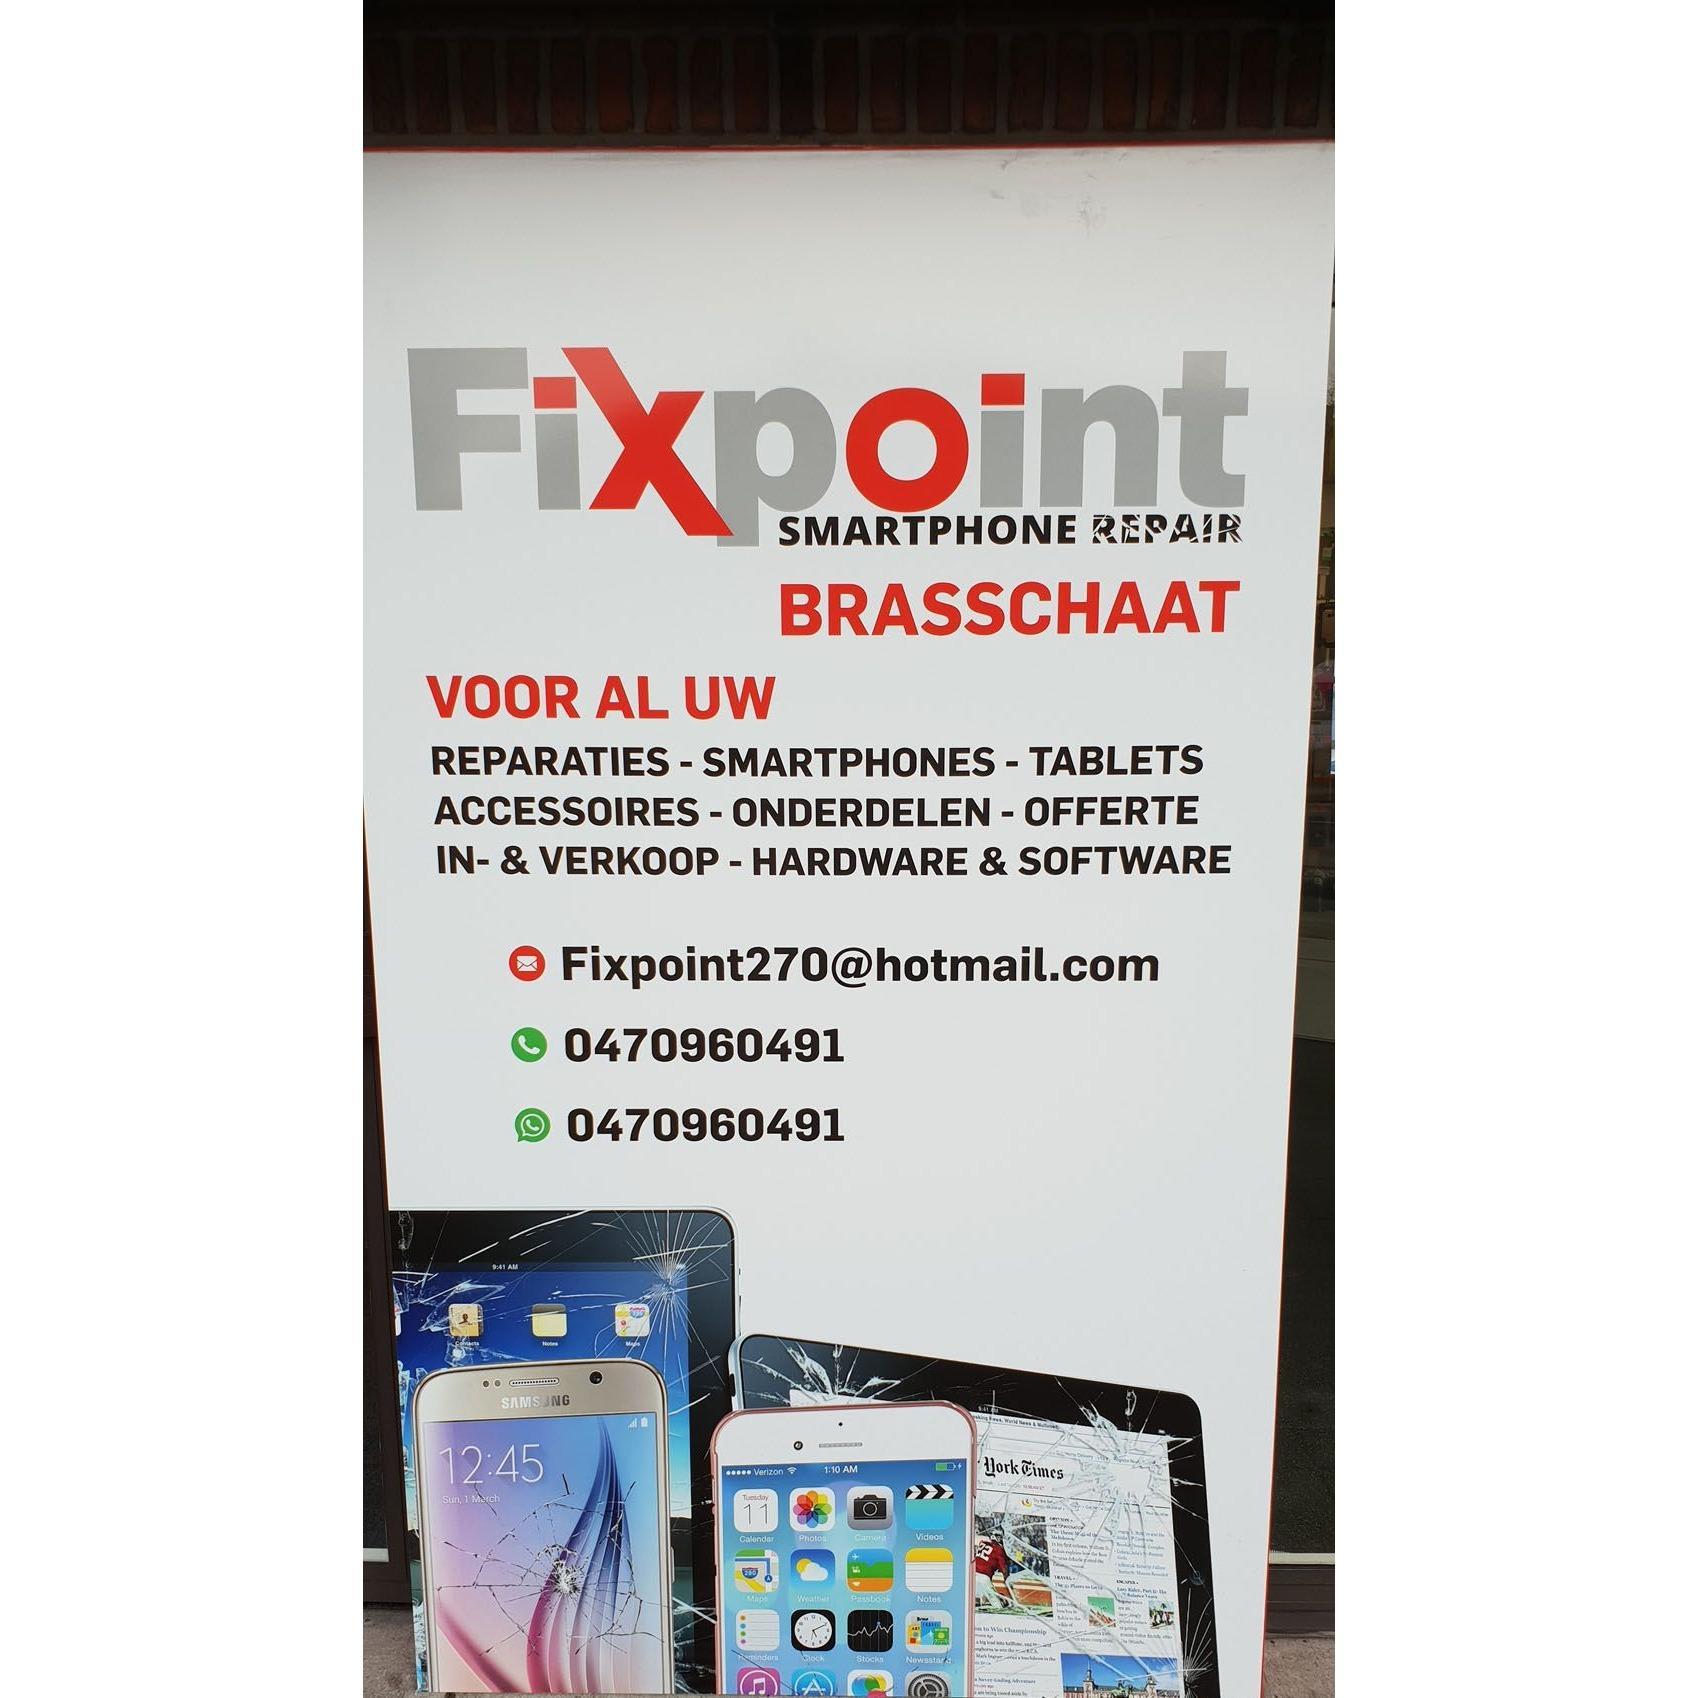 Fixpoint Brasschaat